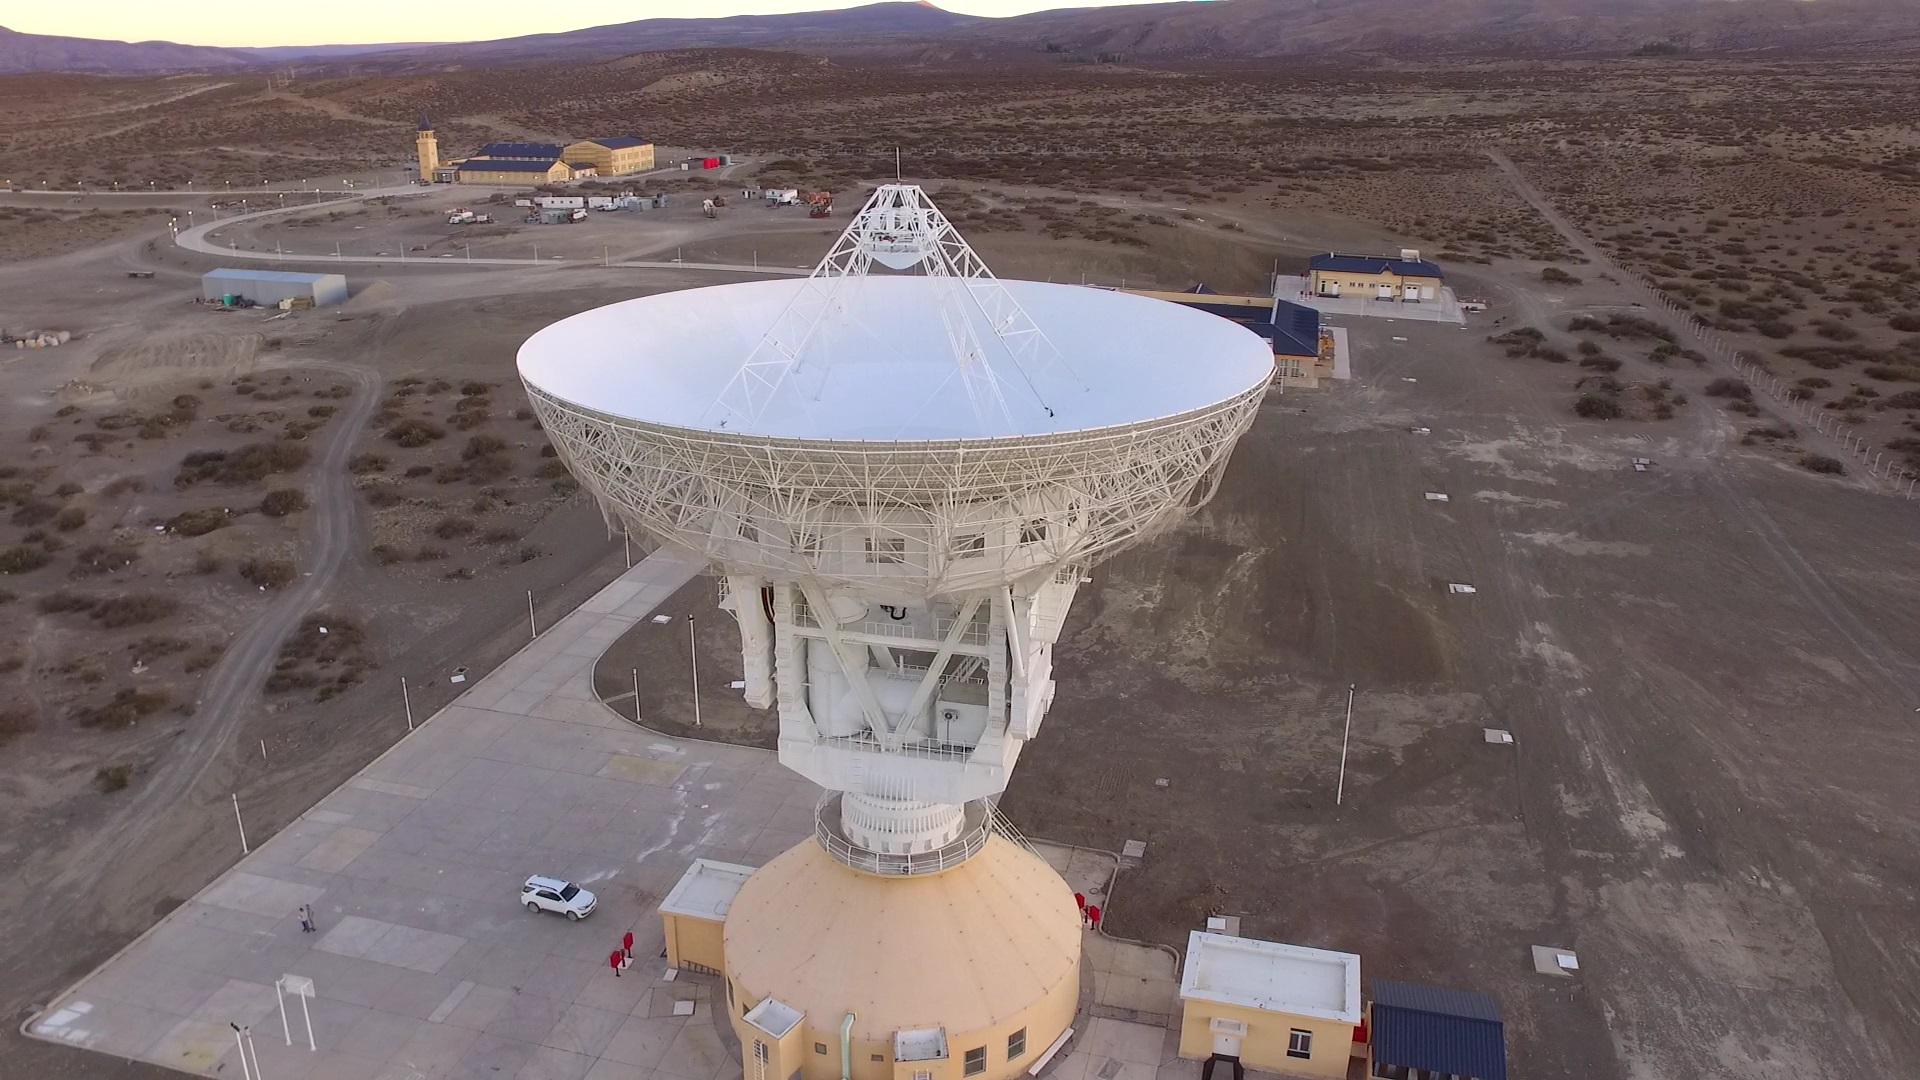 Noticias de la Comisión Nacional de Actividades Espaciales (CONAE).  - Página 4 1antenacltc-conae-neuquen_010